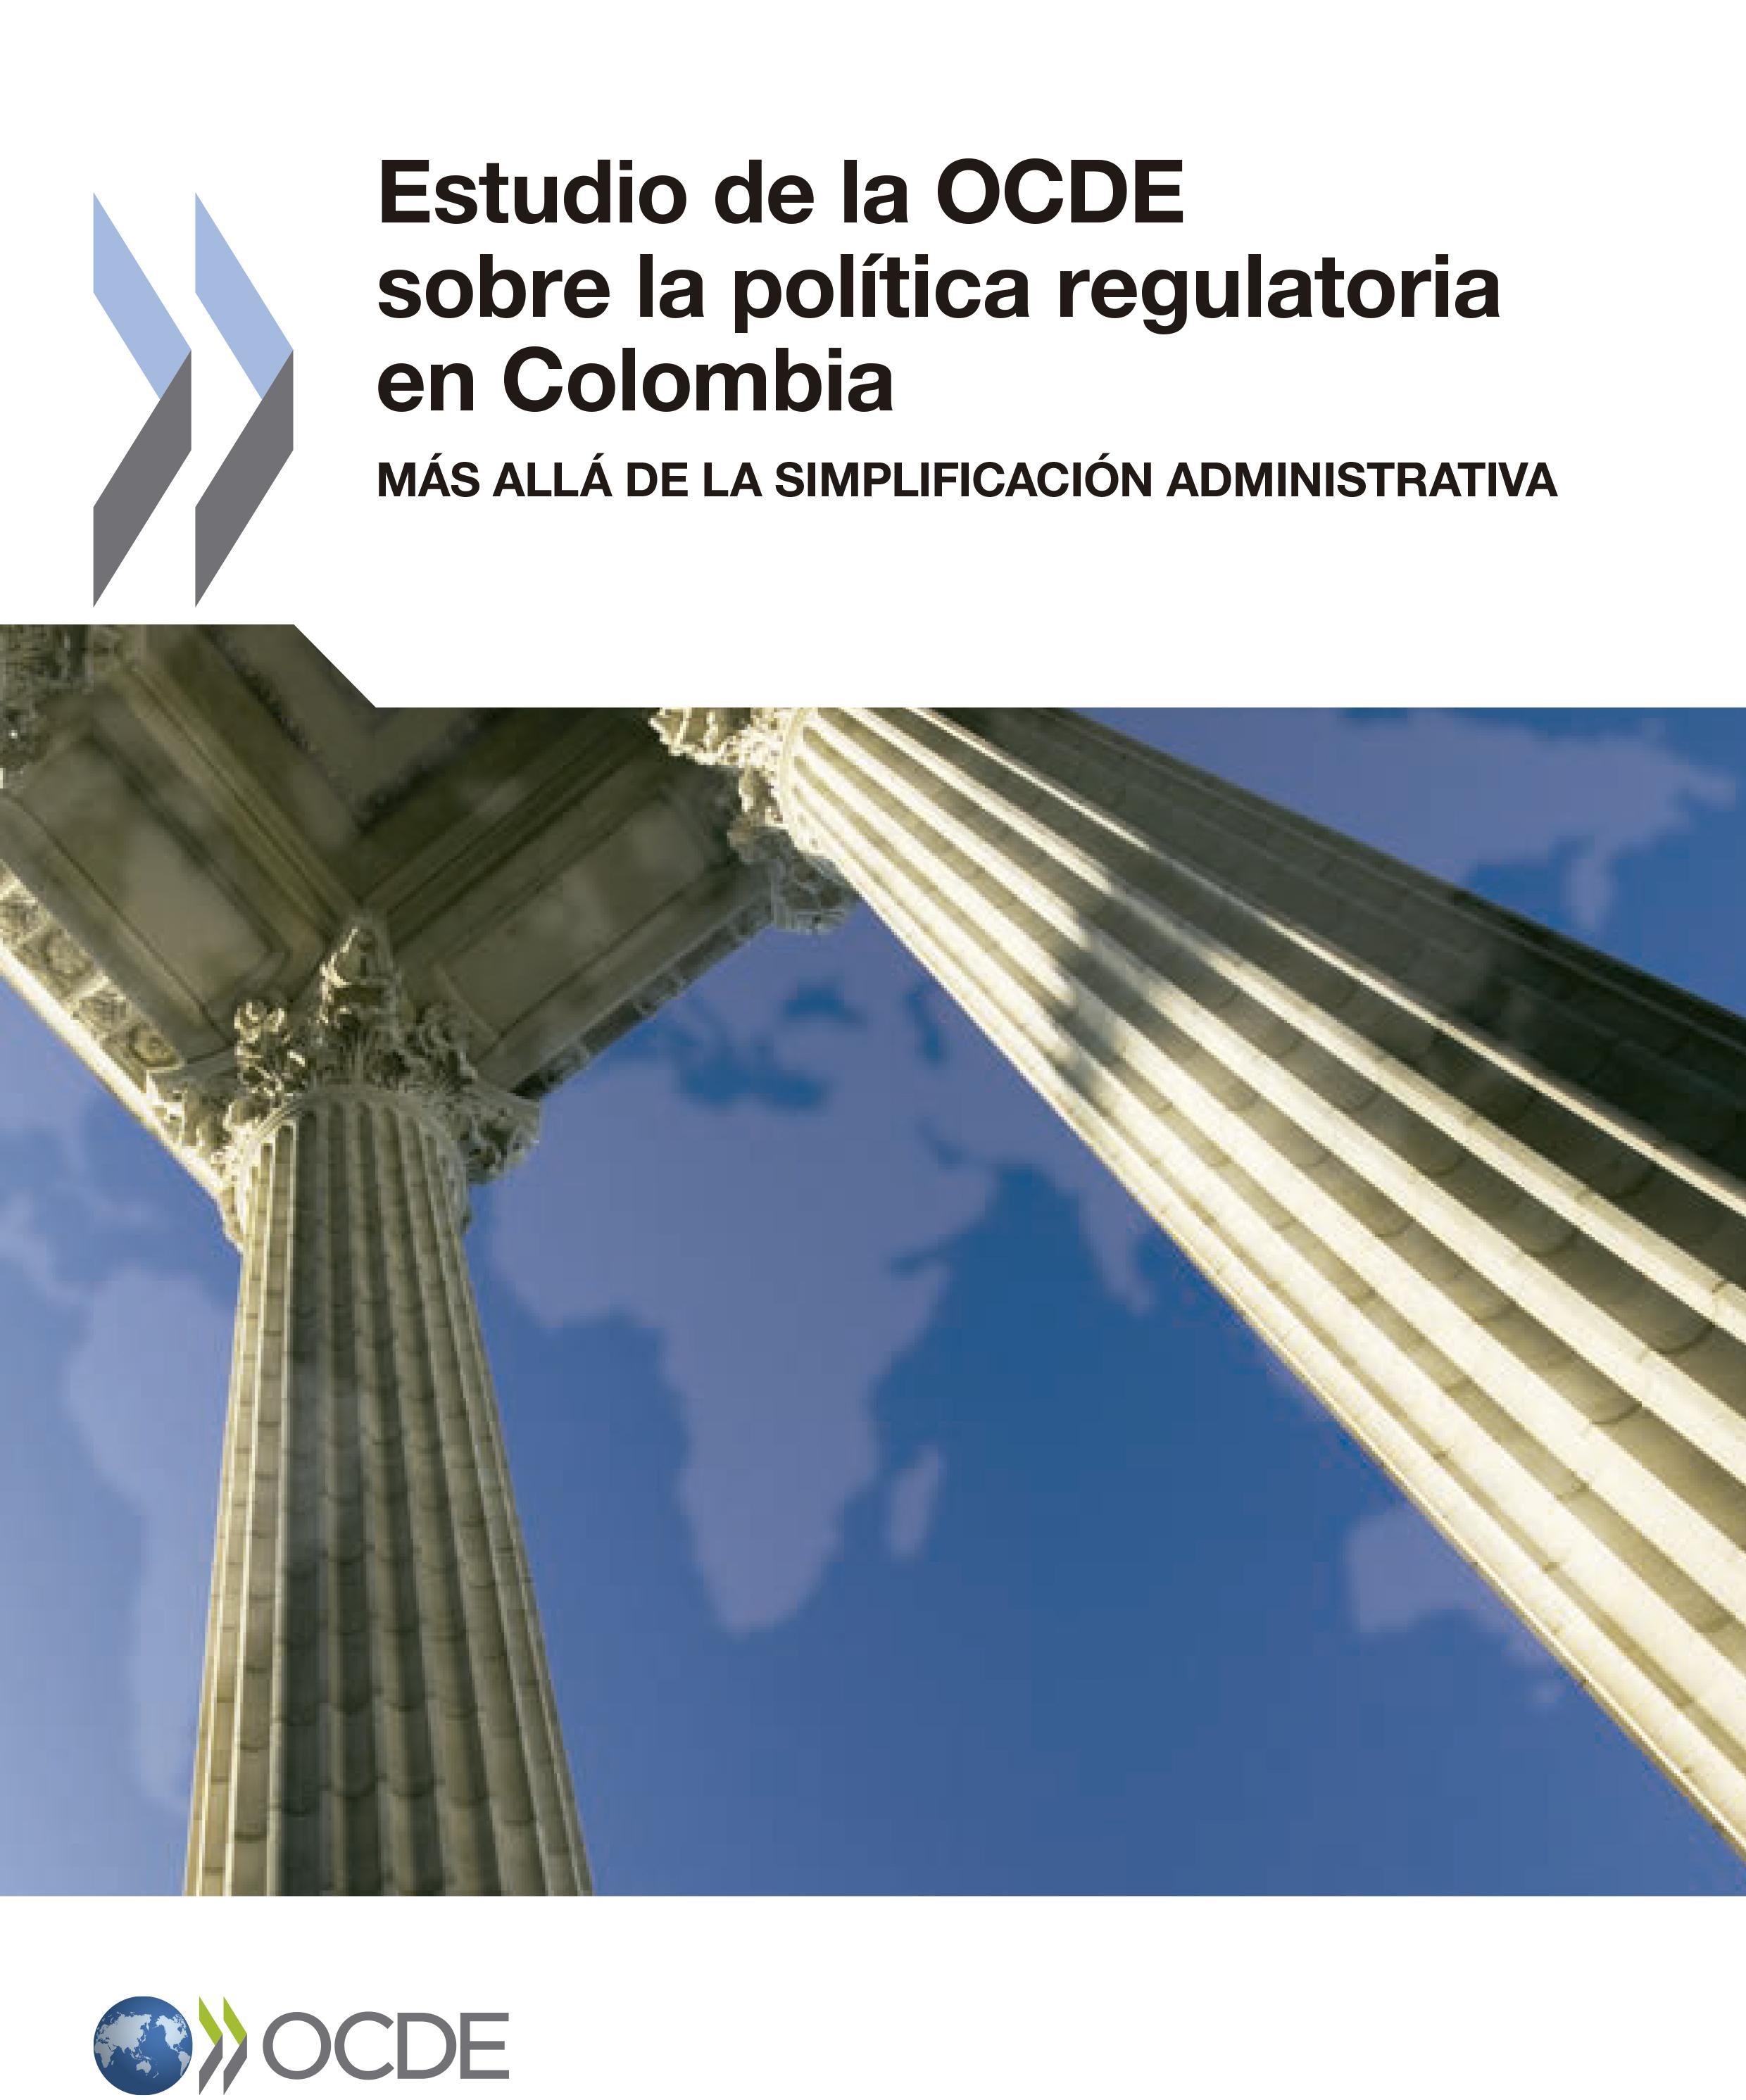 Estudio de la OCDE sobre la política regulatoria en Colombia